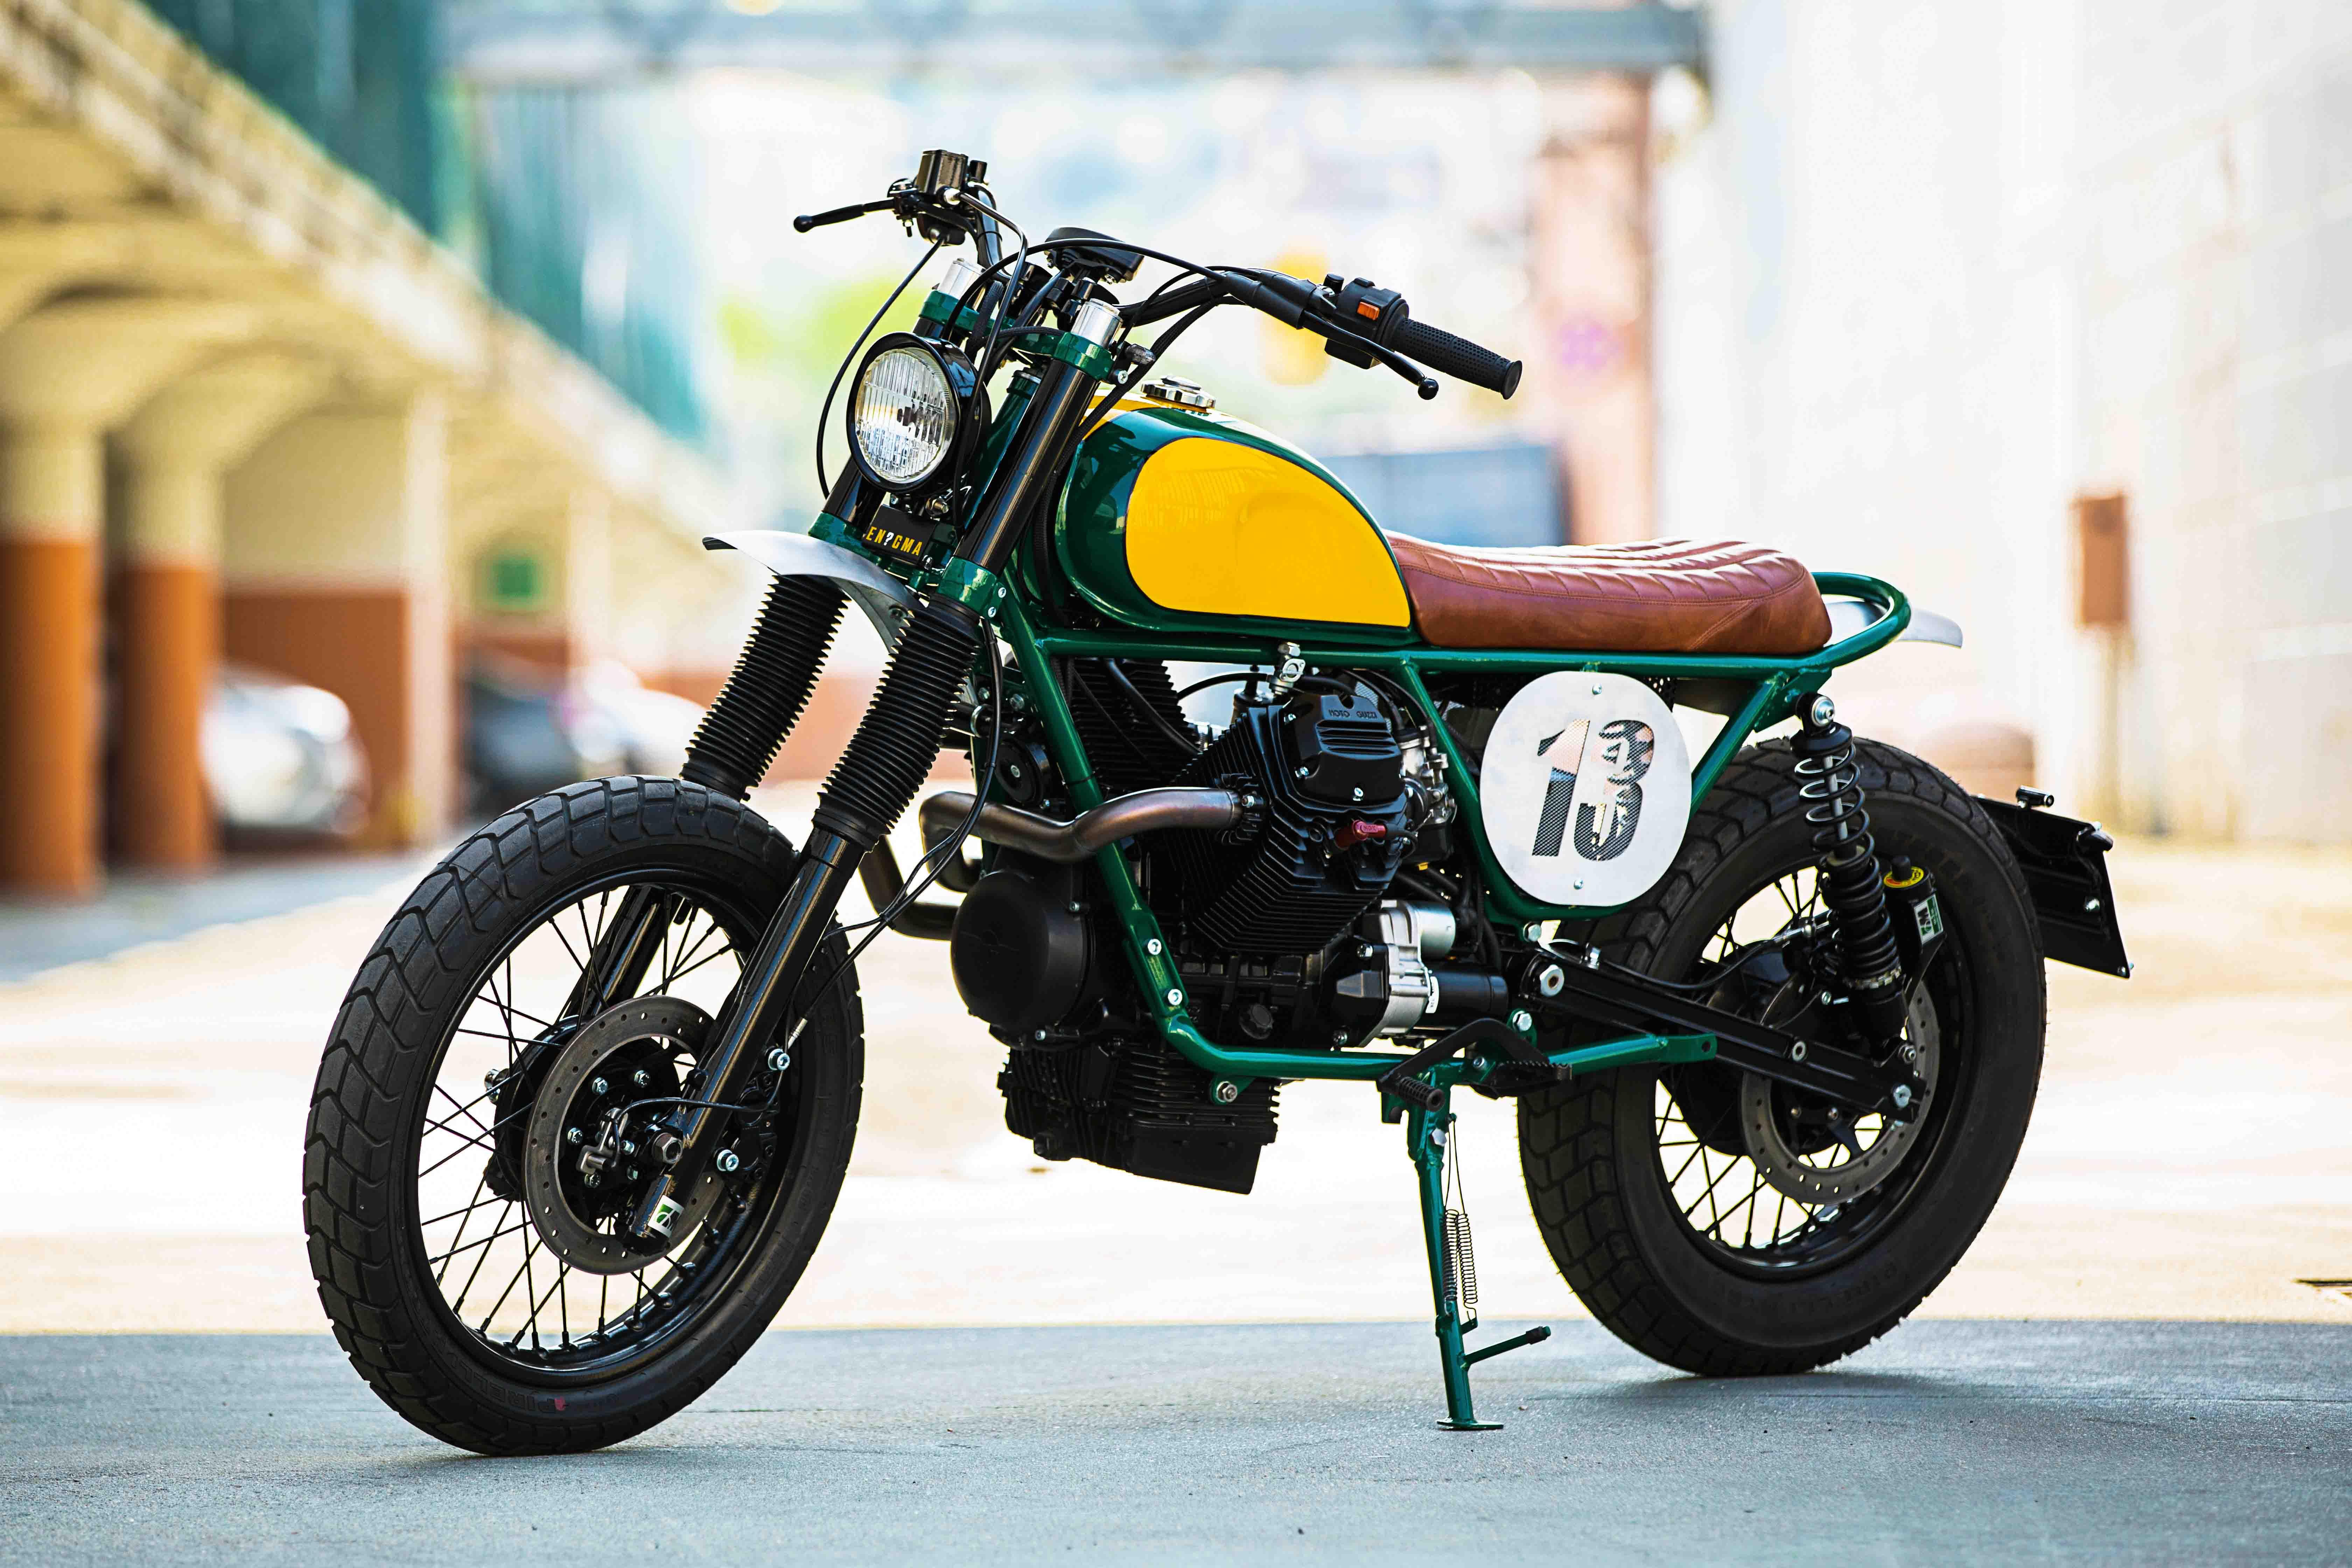 Bombay-13-Moto-Guzzi-Rust-and-Glory-4